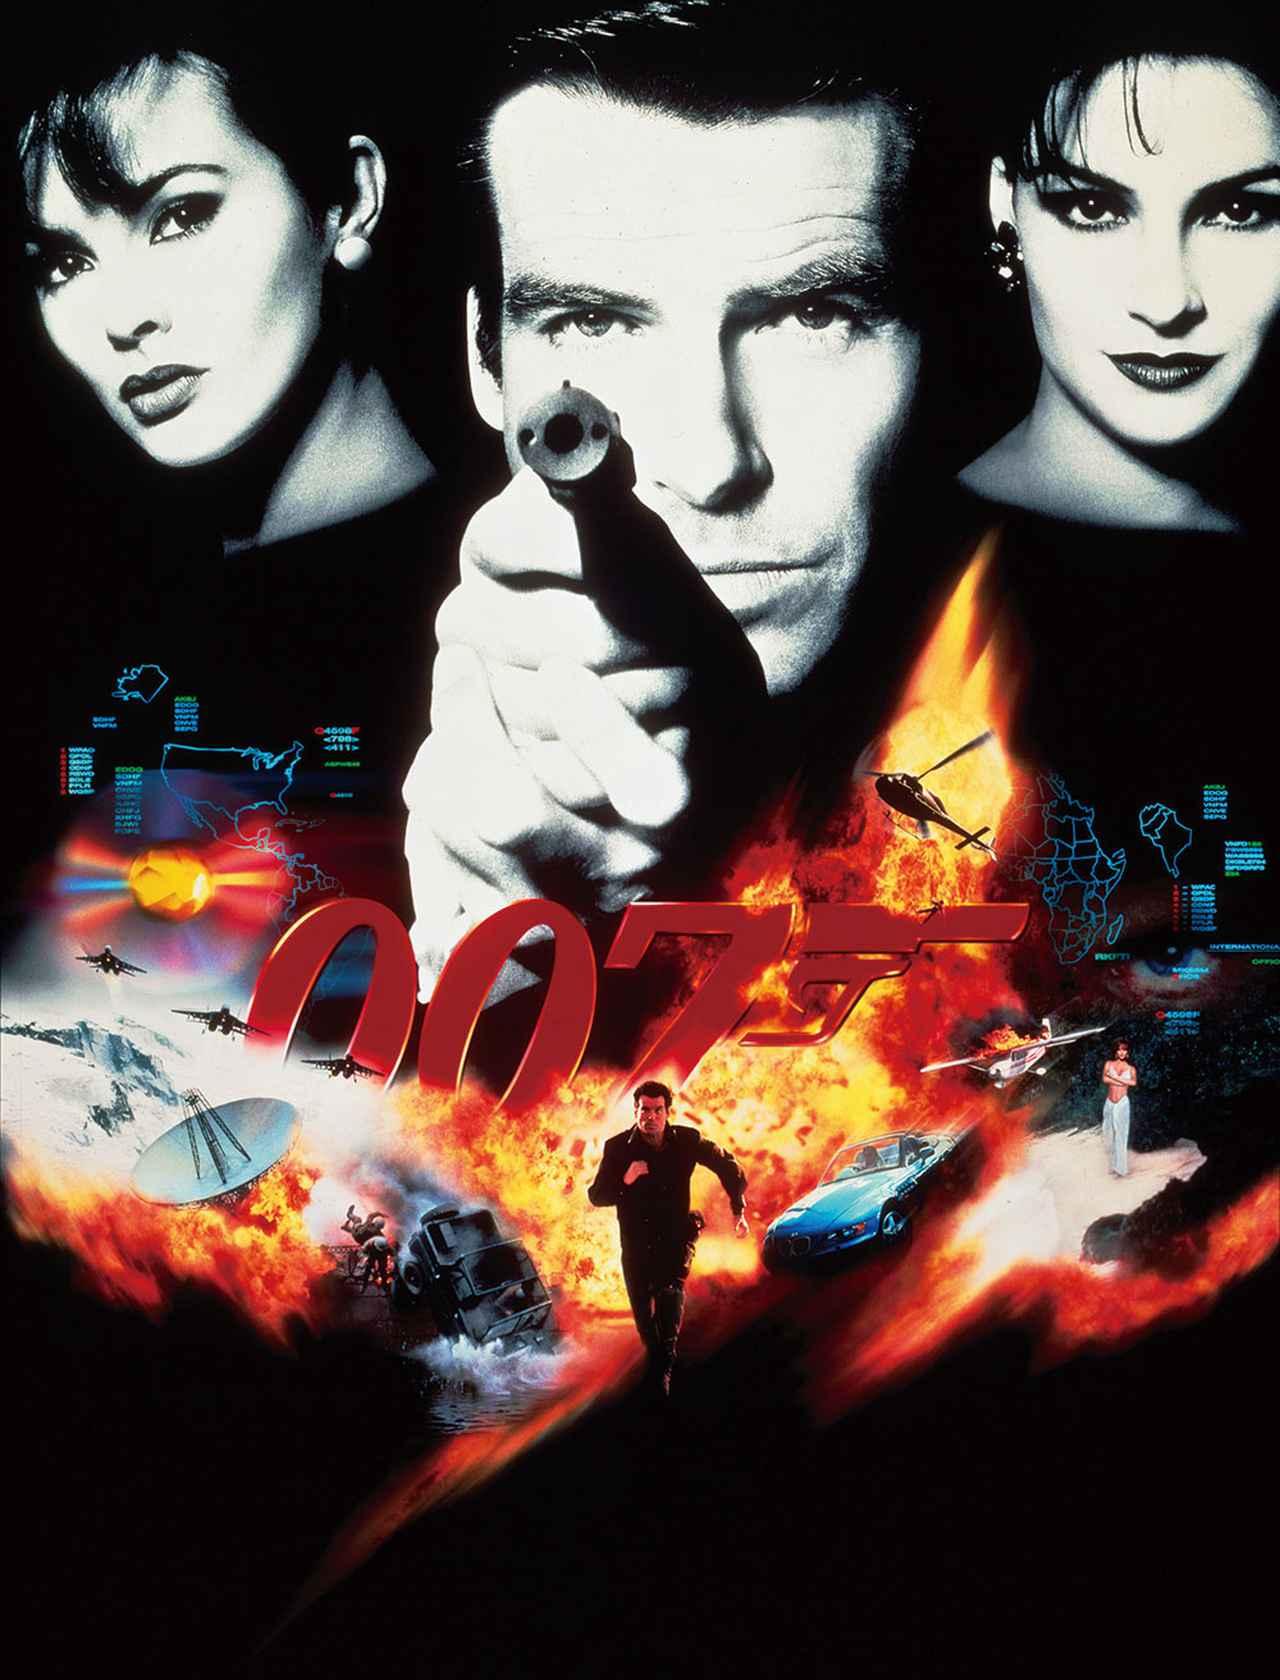 画像17: 世界のポスターで見る「007」シリーズ 全24作品まとめ